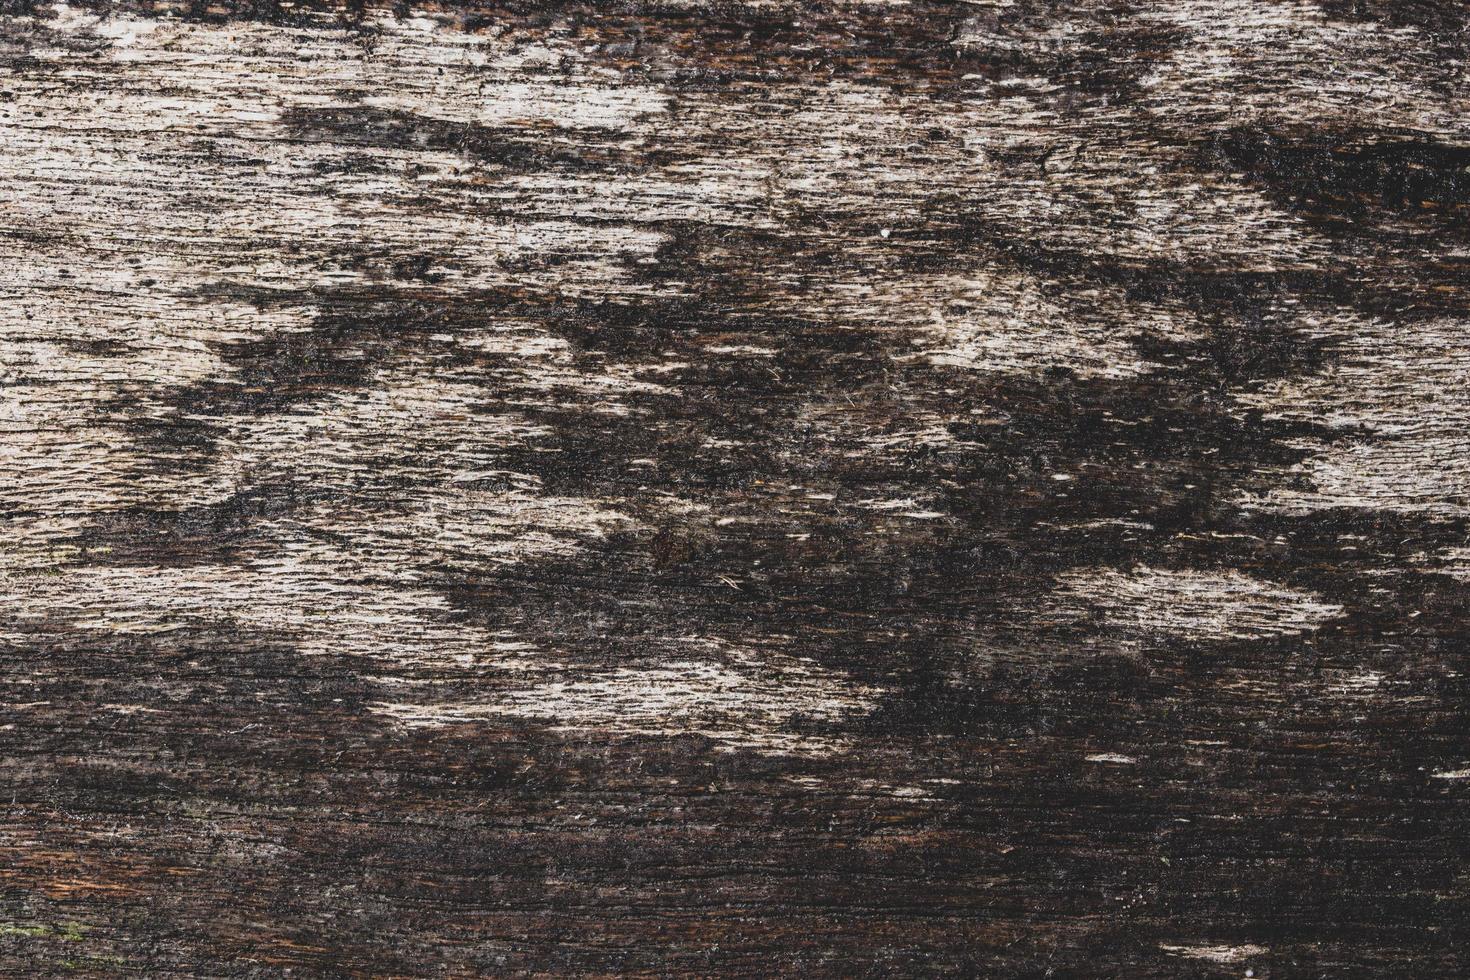 fond de plancher en bois foncé photo